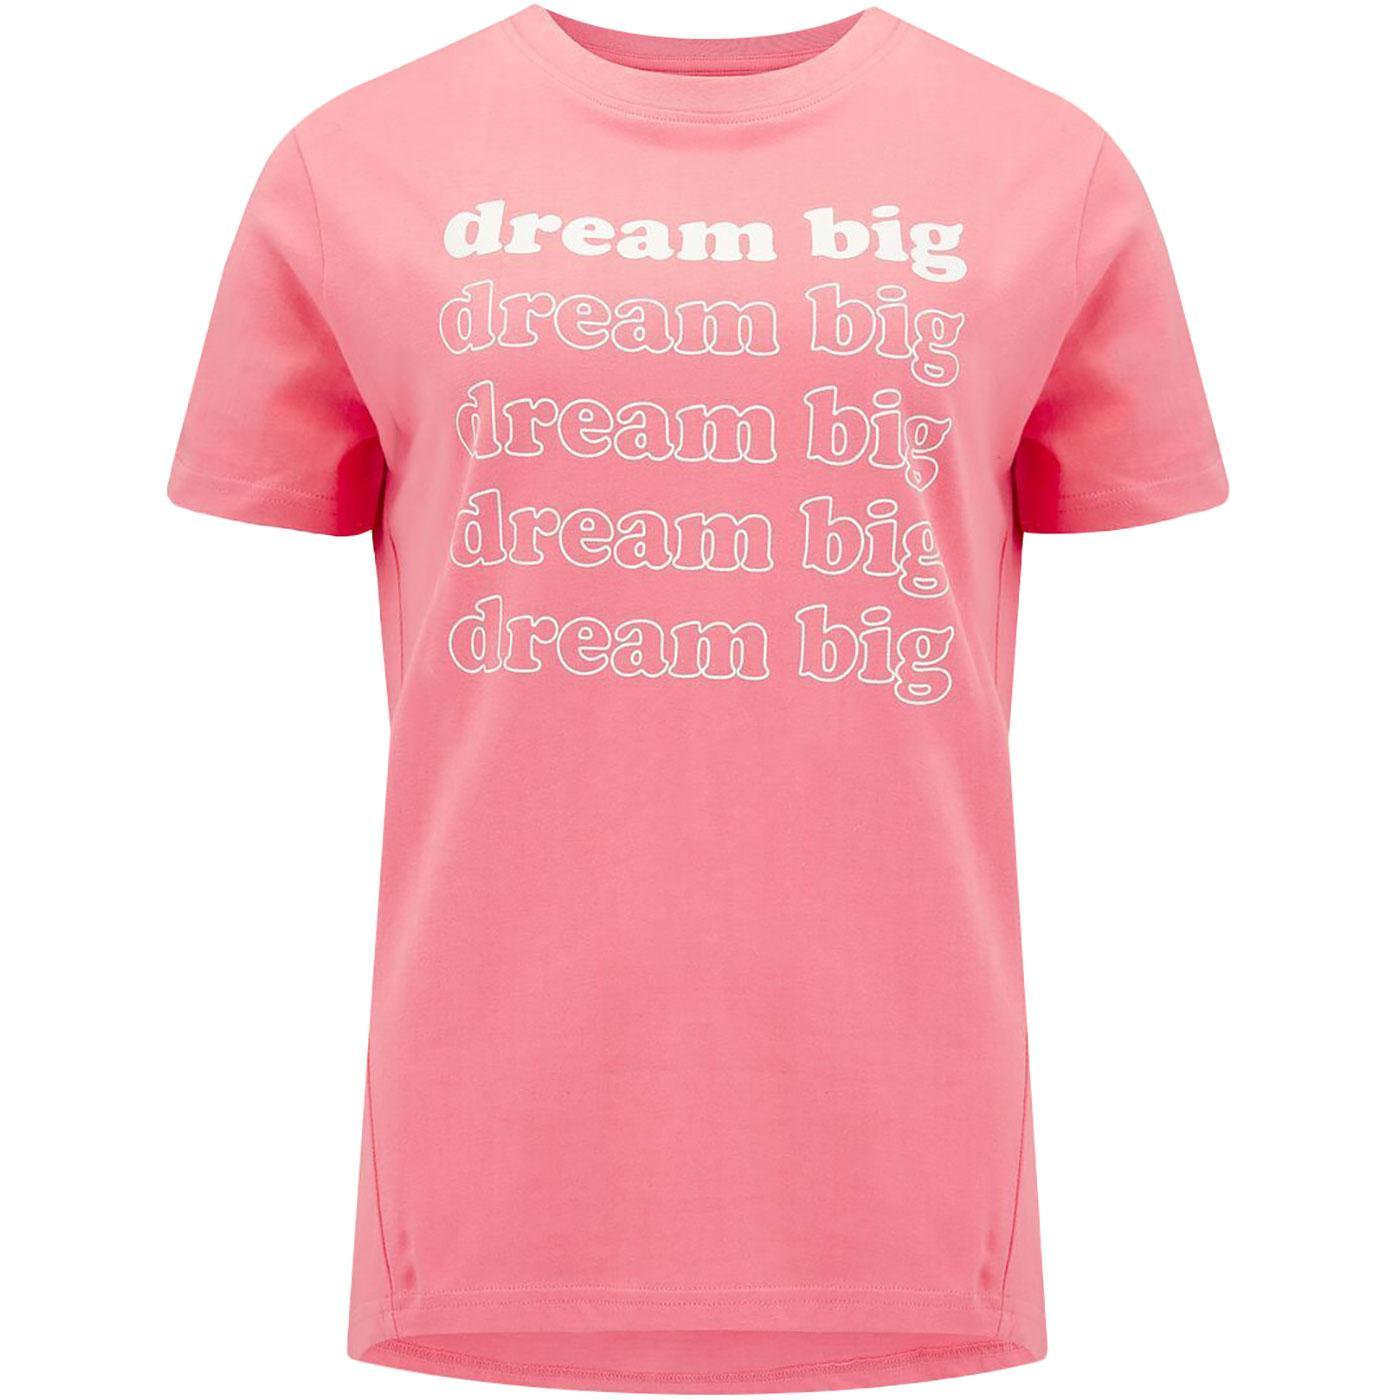 Mimi SUGARHILL BRIGHTON Dream Big Retro Slogan Tee